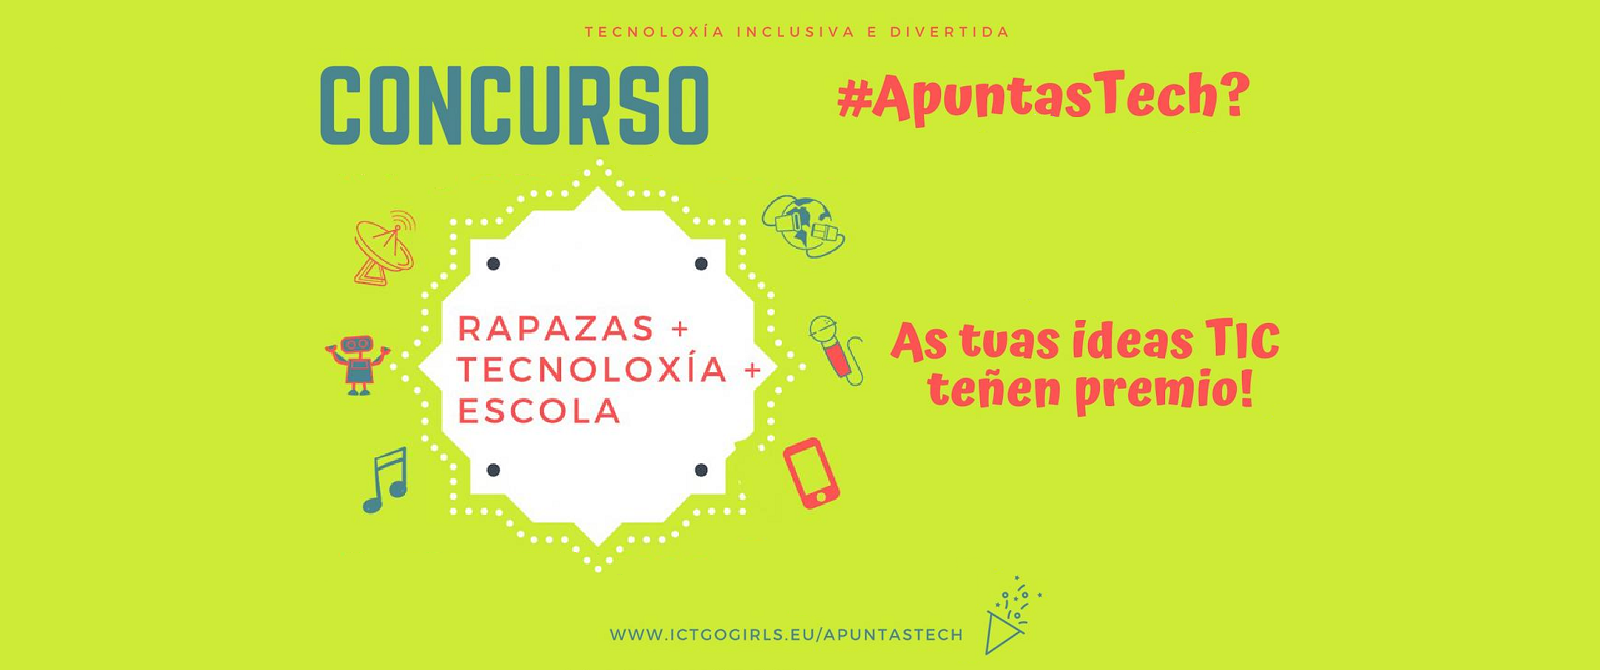 #ApuntasTech?